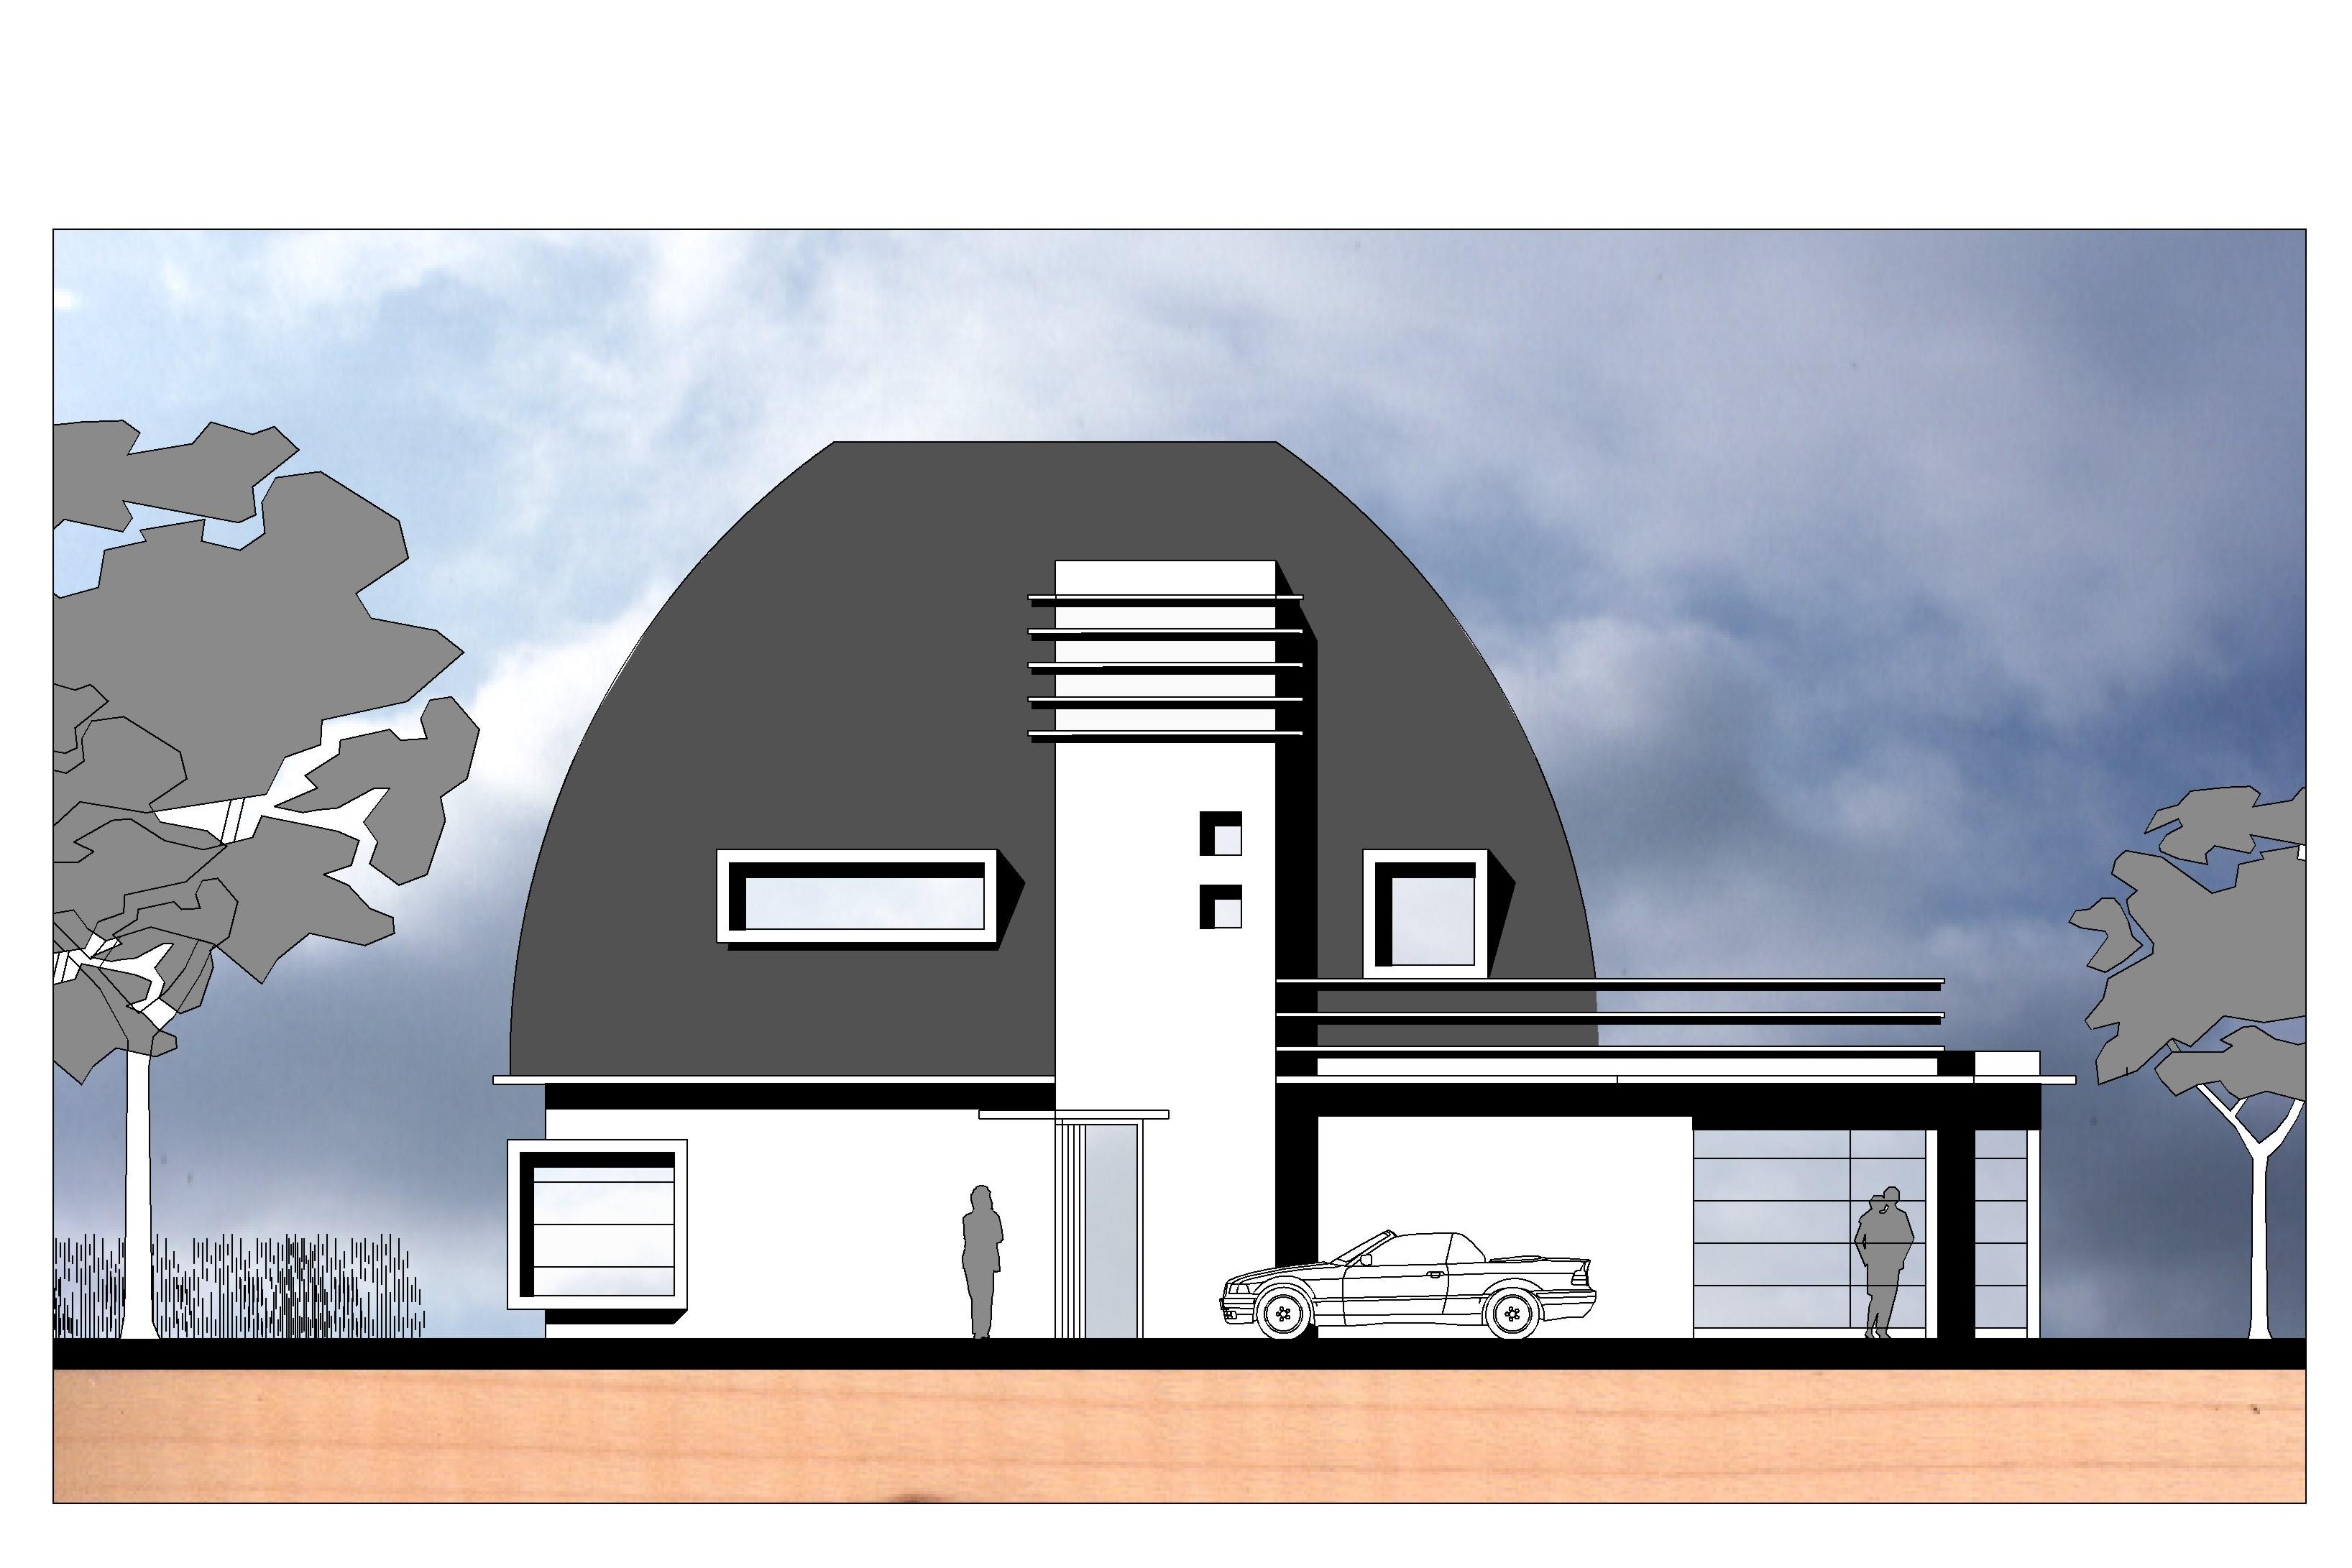 Eigen huis ontwerpen en bouwen veenland bv for Ontwerp eigen huis